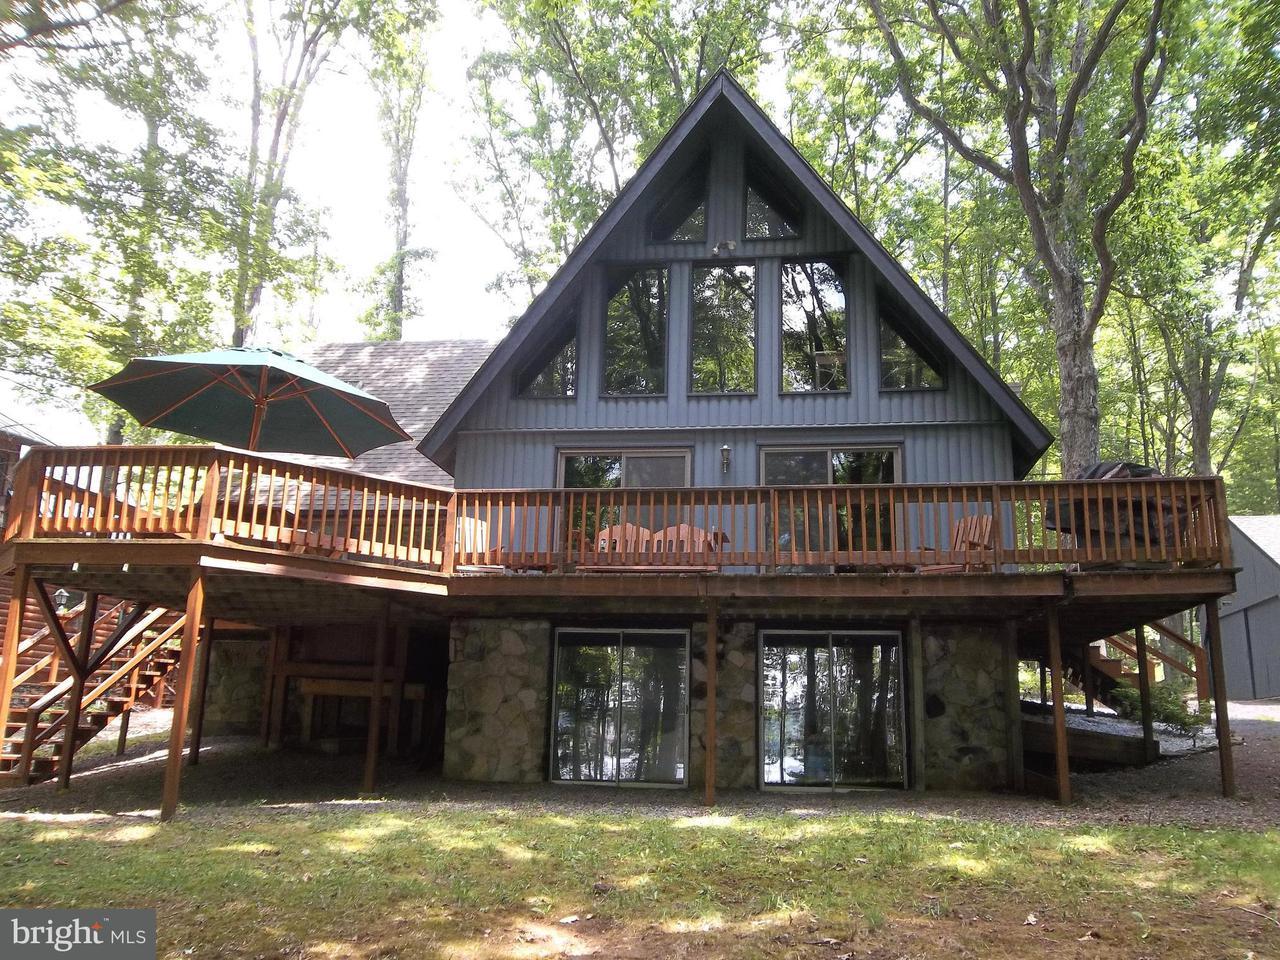 一戸建て のために 売買 アット 1597 SHORELINE Drive 1597 SHORELINE Drive Swanton, メリーランド 21561 アメリカ合衆国